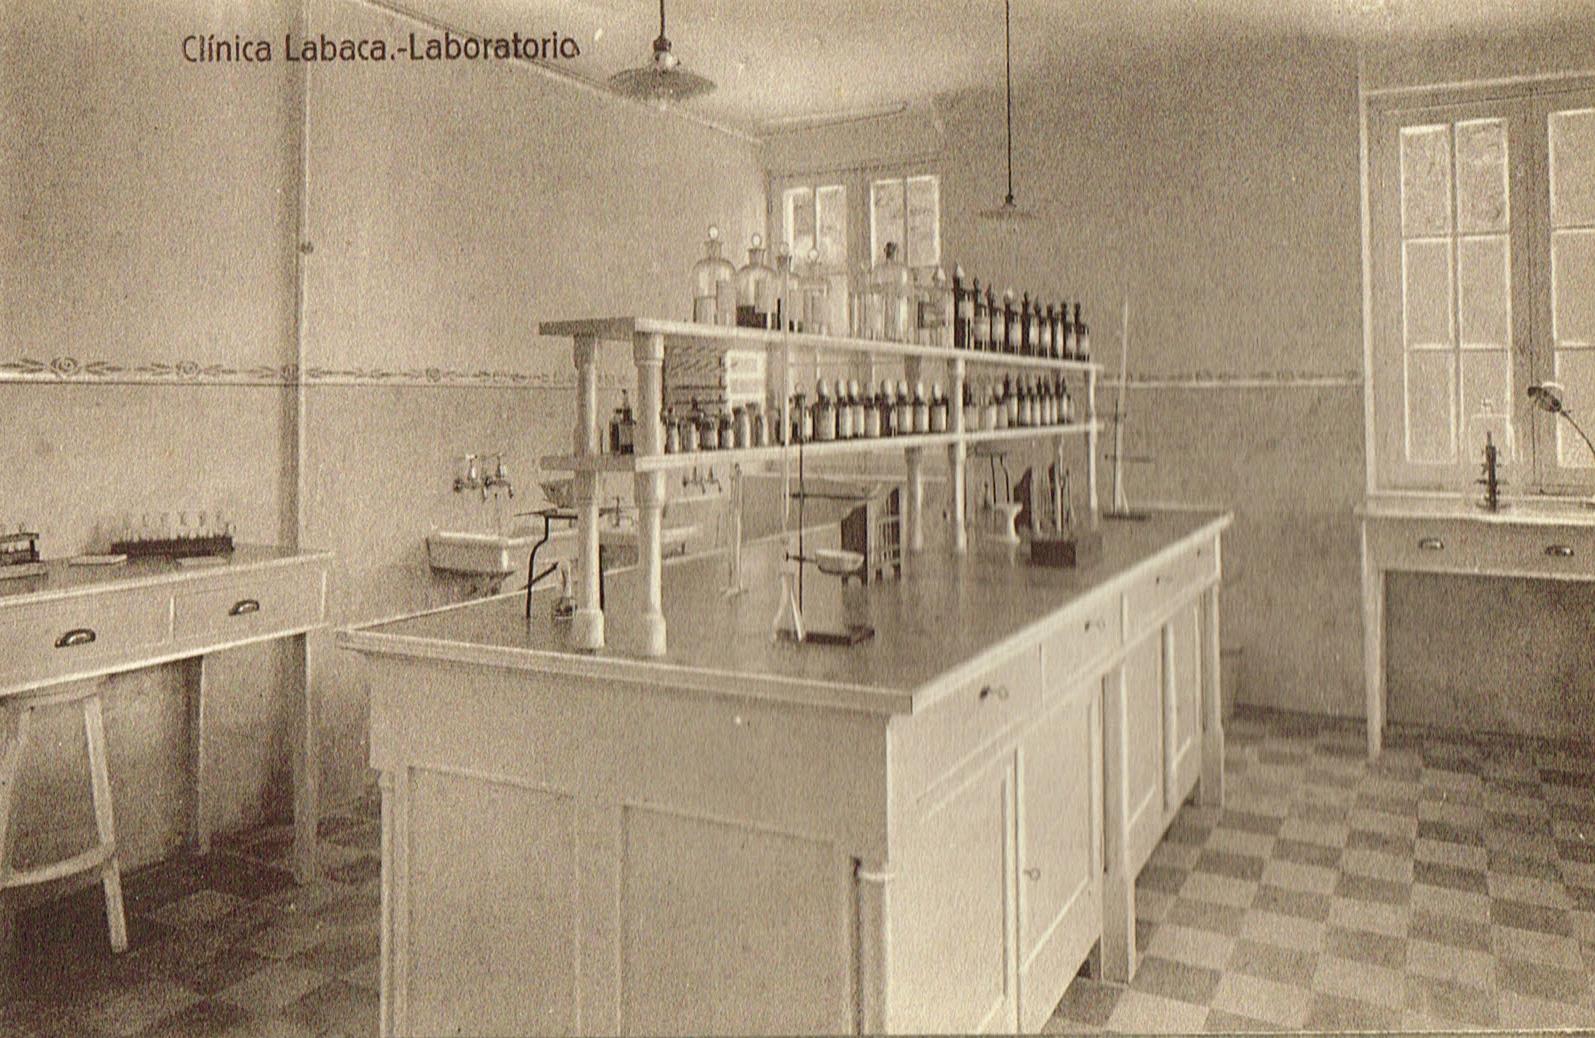 Clínica Labaca, laboratorio